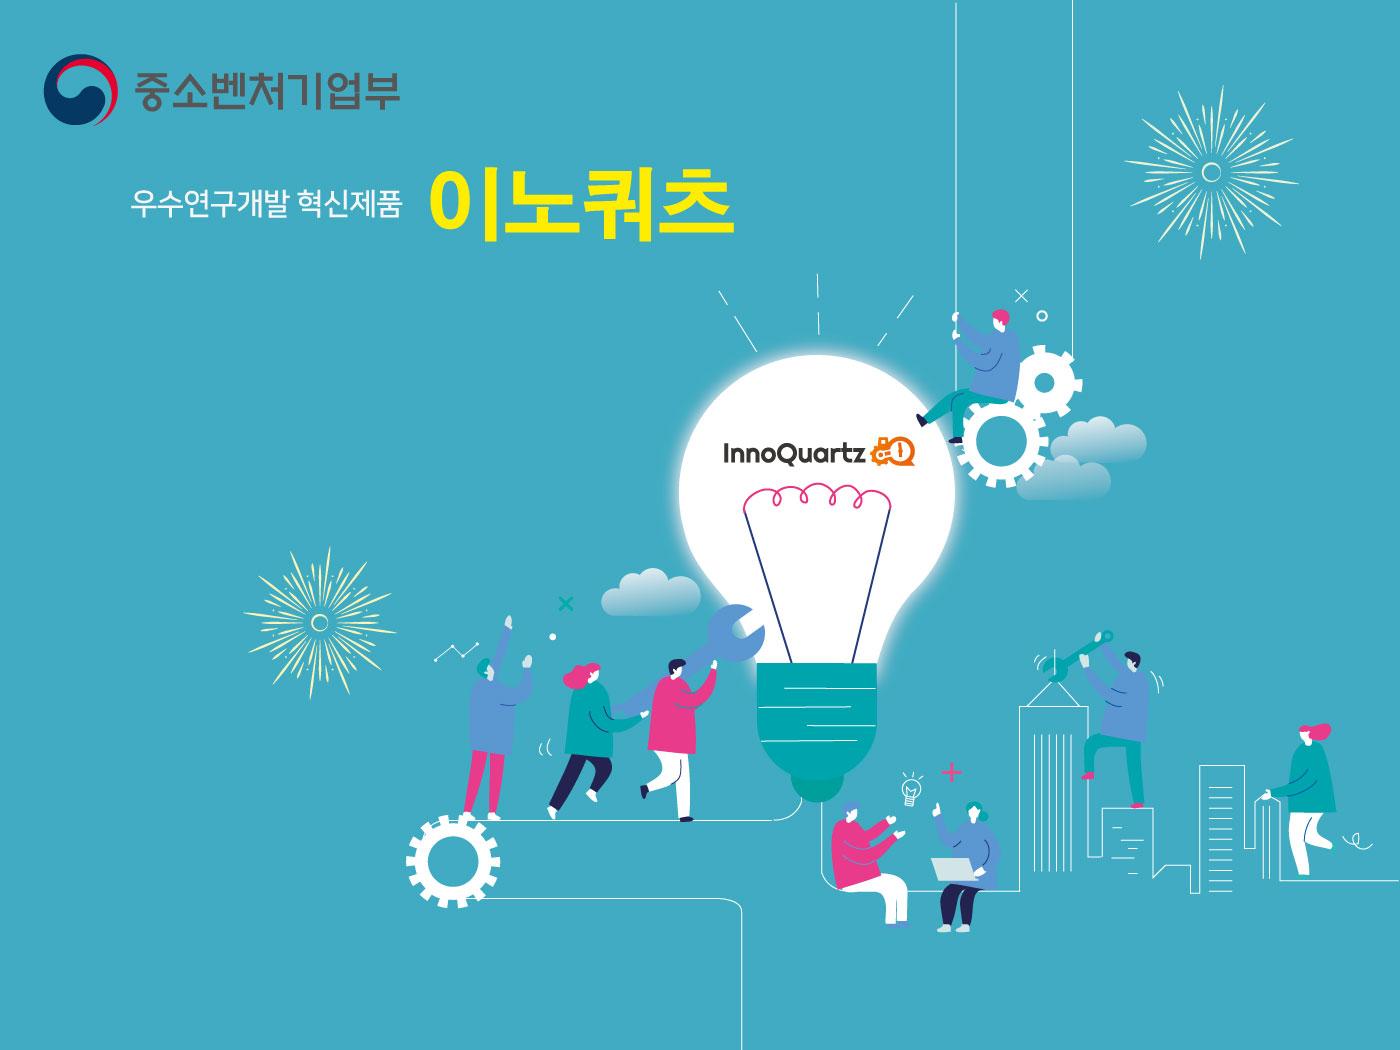 '이노쿼츠', 중기부 우수연구개발 혁신제품 선정